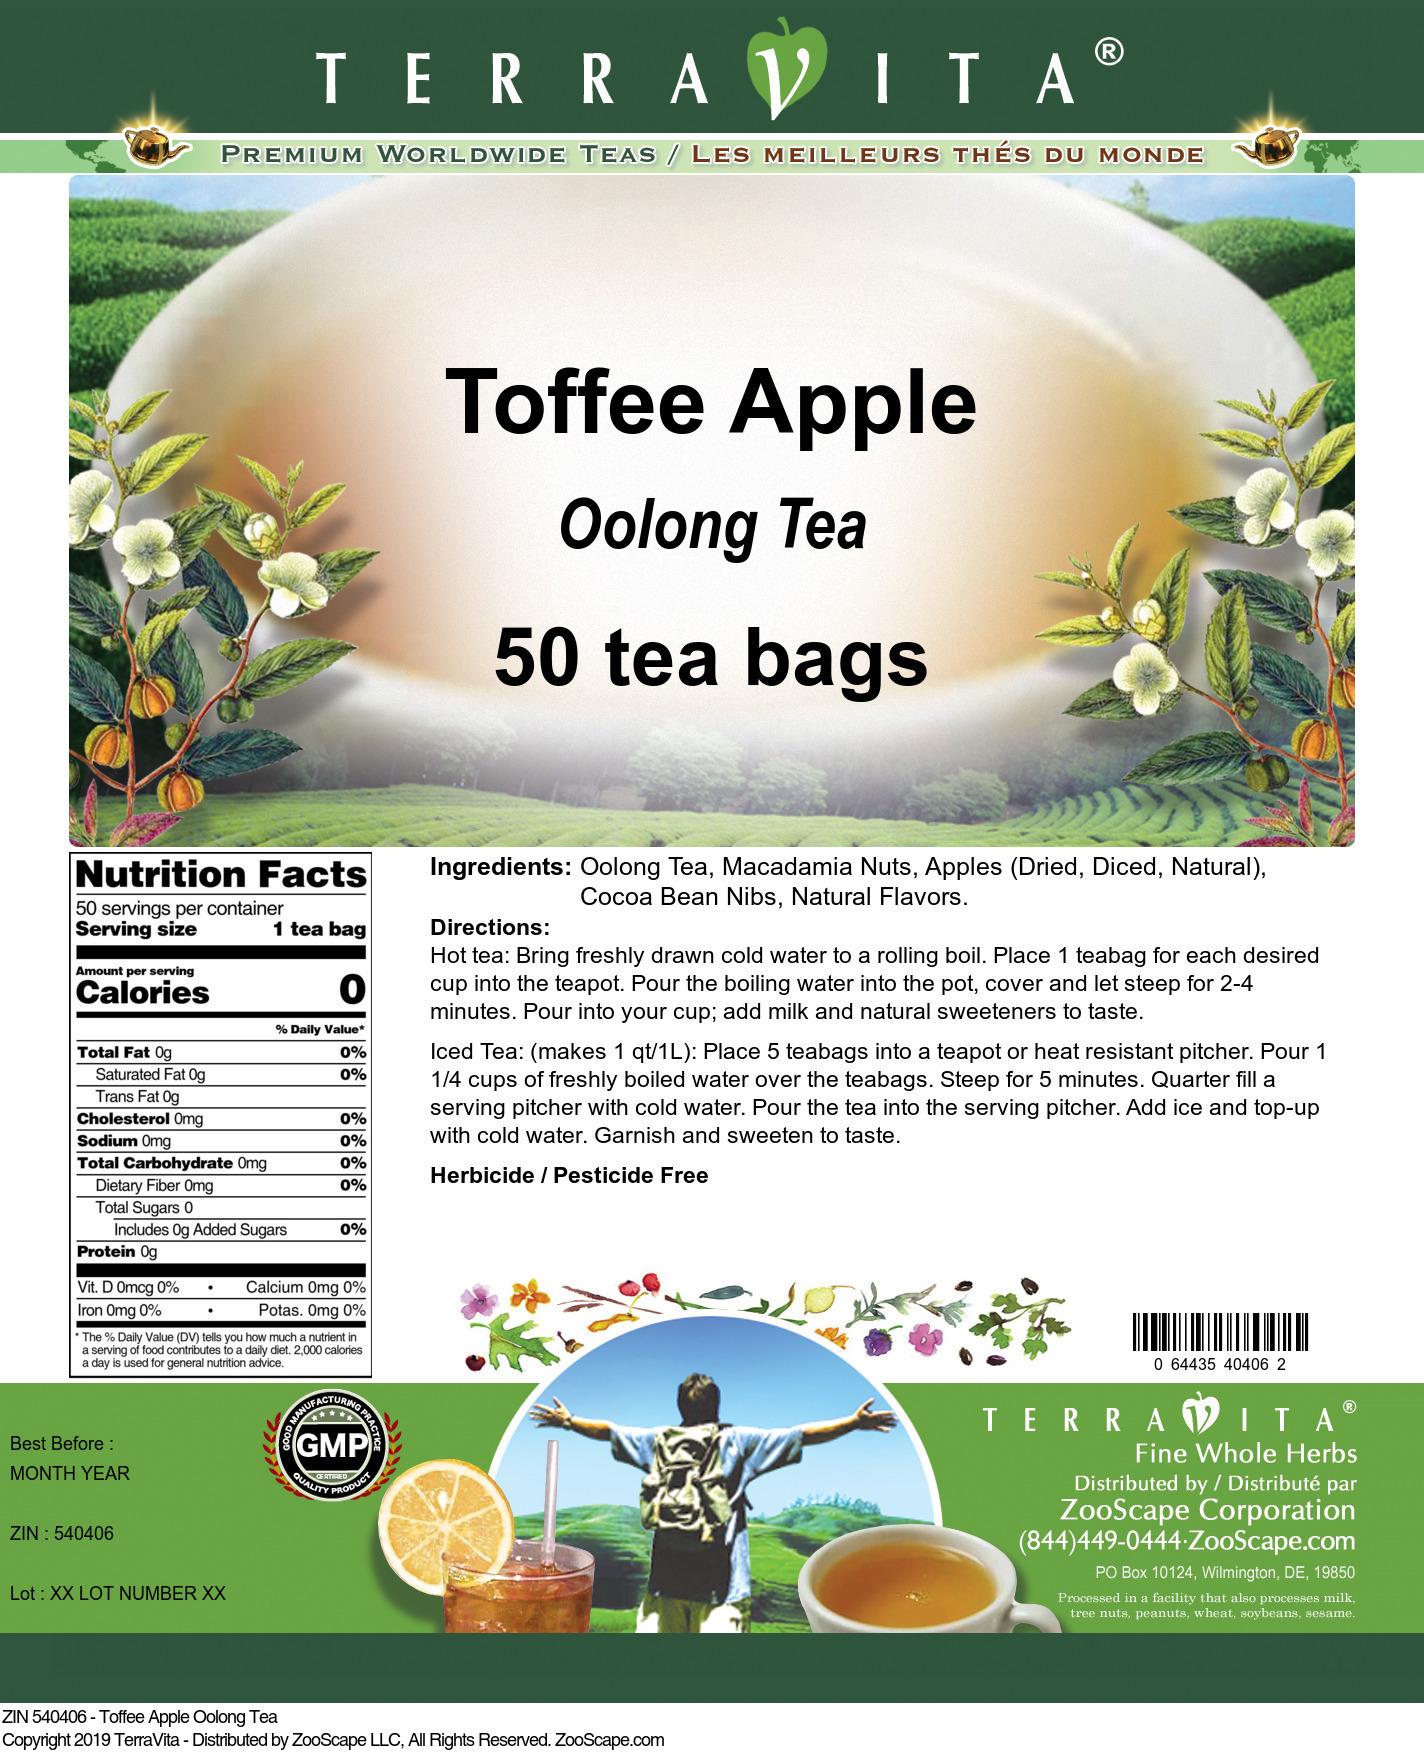 Toffee Apple Oolong Tea